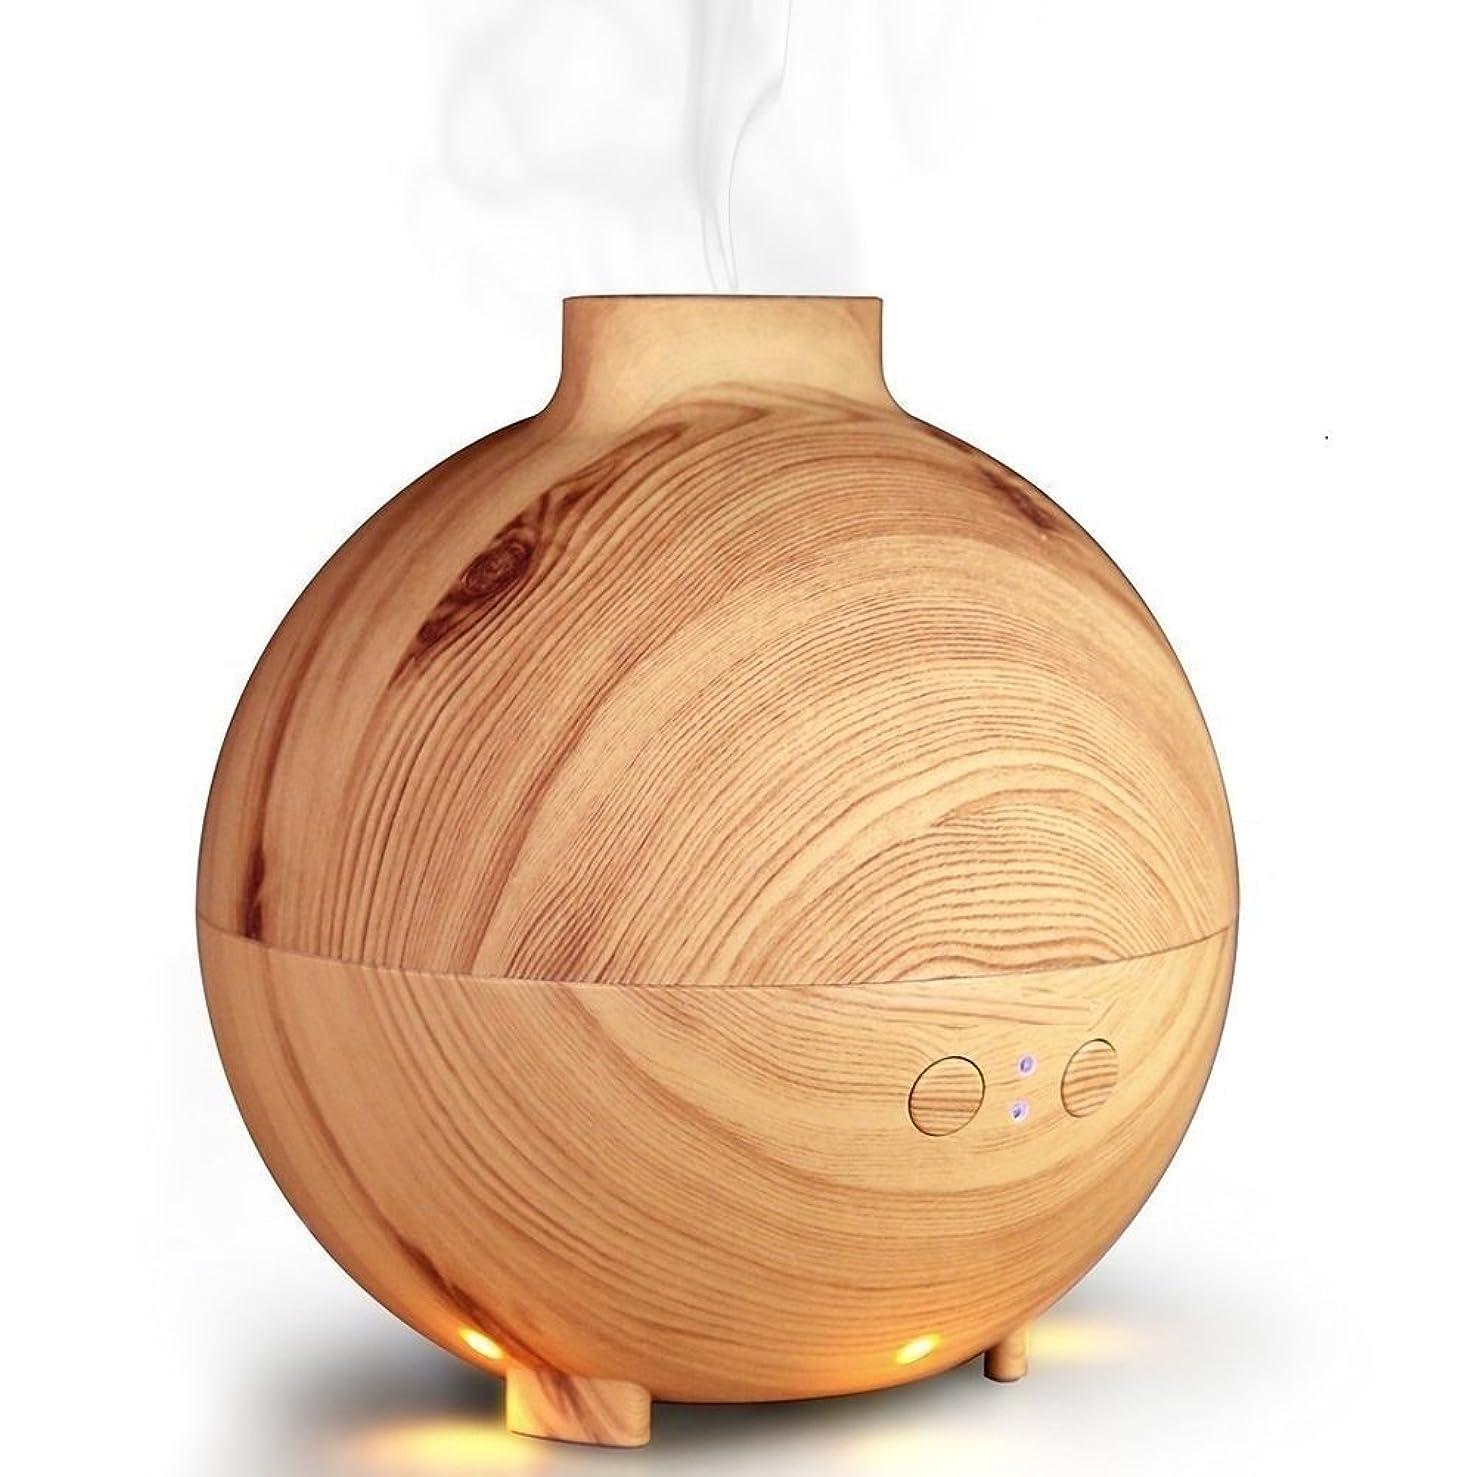 リレーリレーイタリックアロマエッセンシャルオイルディフューザー、アロマテラピー加湿器空気清浄機クールミストの香りクールミスト加湿器用家庭、ヨガ、オフィス、スパ,lightwood